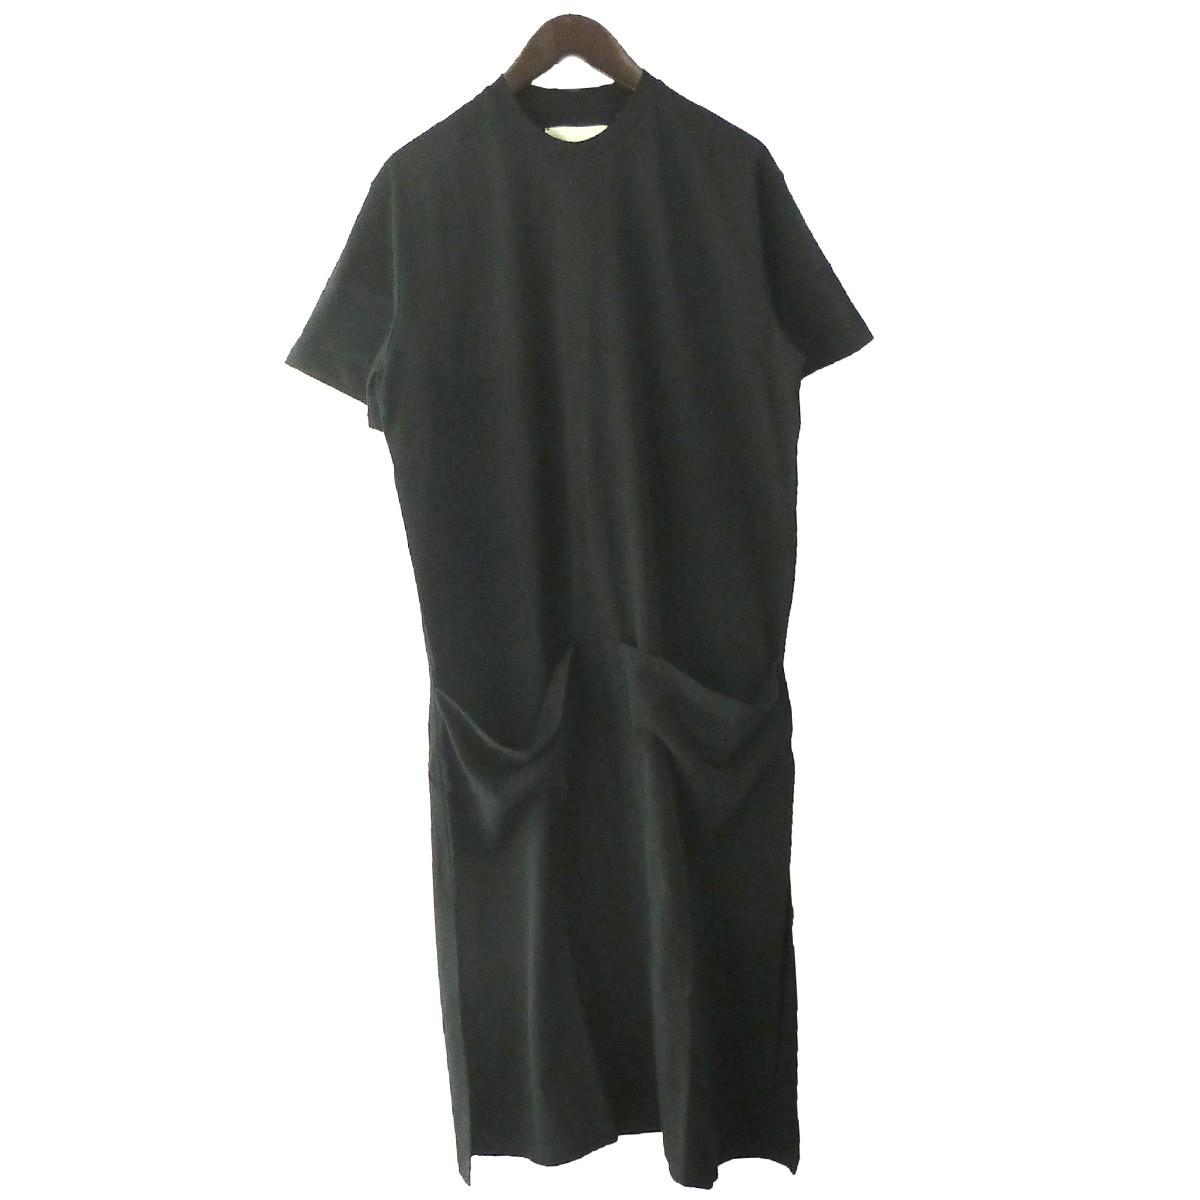 【中古】STUDIO NICHOLSON 「JERSEY DRESS」ジャージドレス ワンピース ブラック サイズ:1 【271219】(スタジオニコルソン)